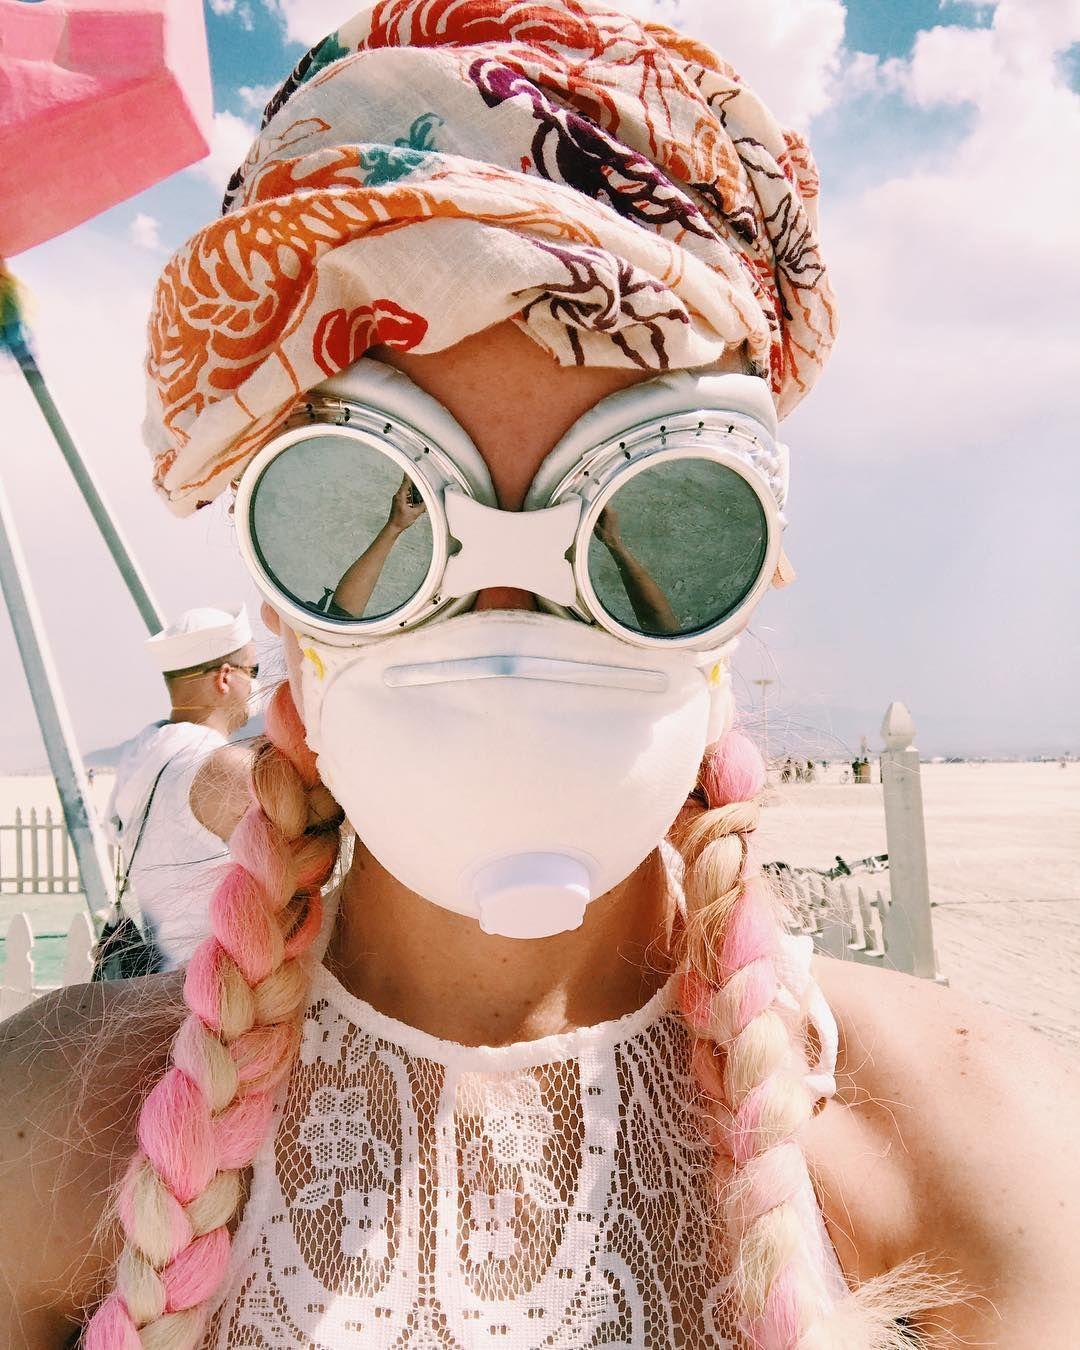 Пилюка, голі тіла та сучасне мистецтво: круті фото з фестивалю Burning Man 2017 - фото 336428